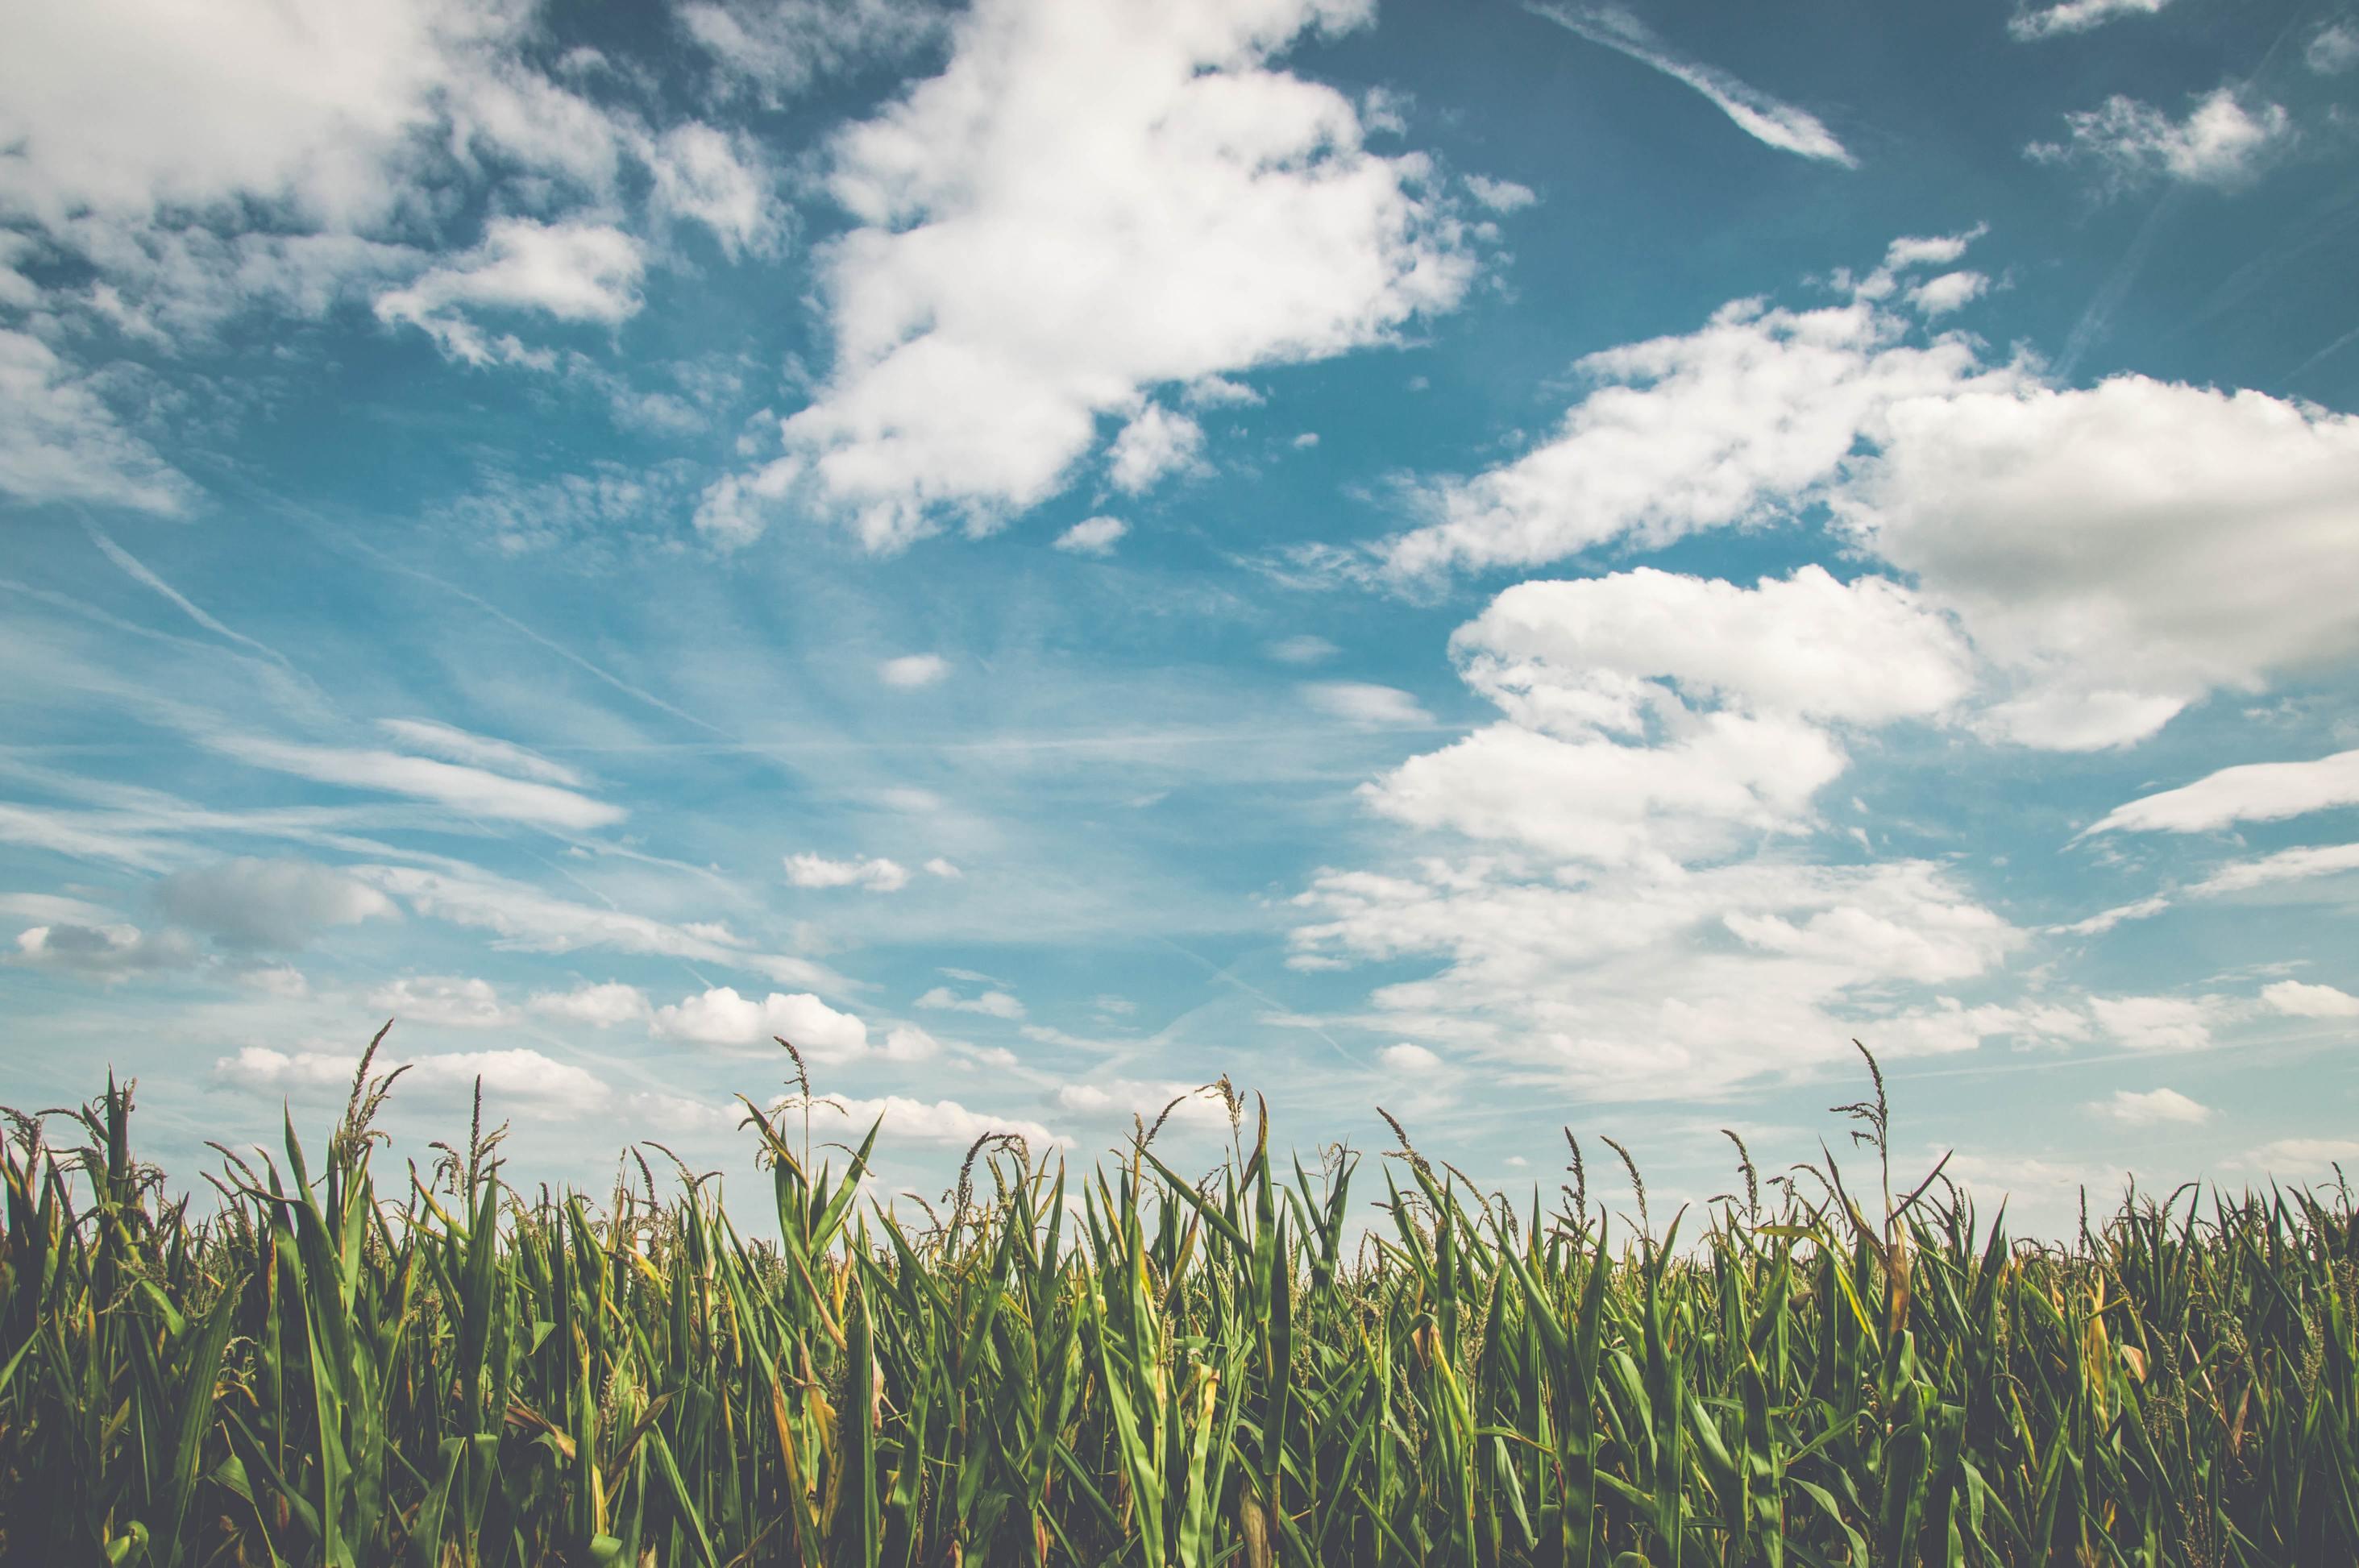 Hình ảnh bầu trời xanh ngát